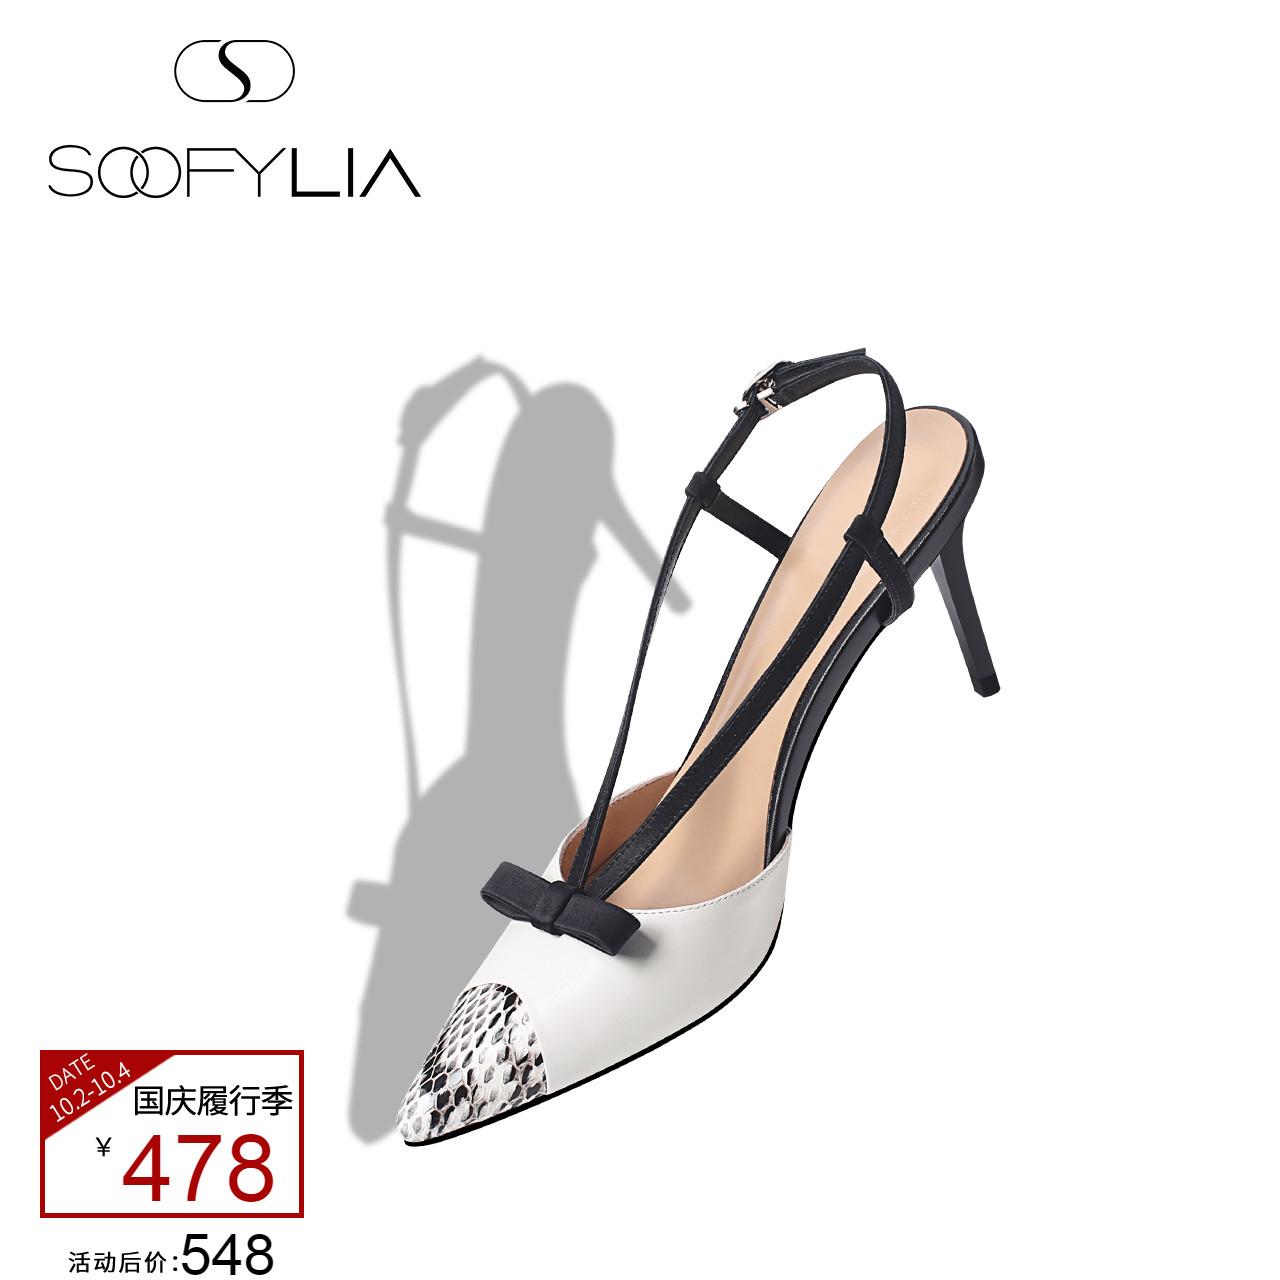 SOOFYLIA 宴会鞋履 2018新款 时尚蛇皮性感细高跟尖头凉鞋女鞋